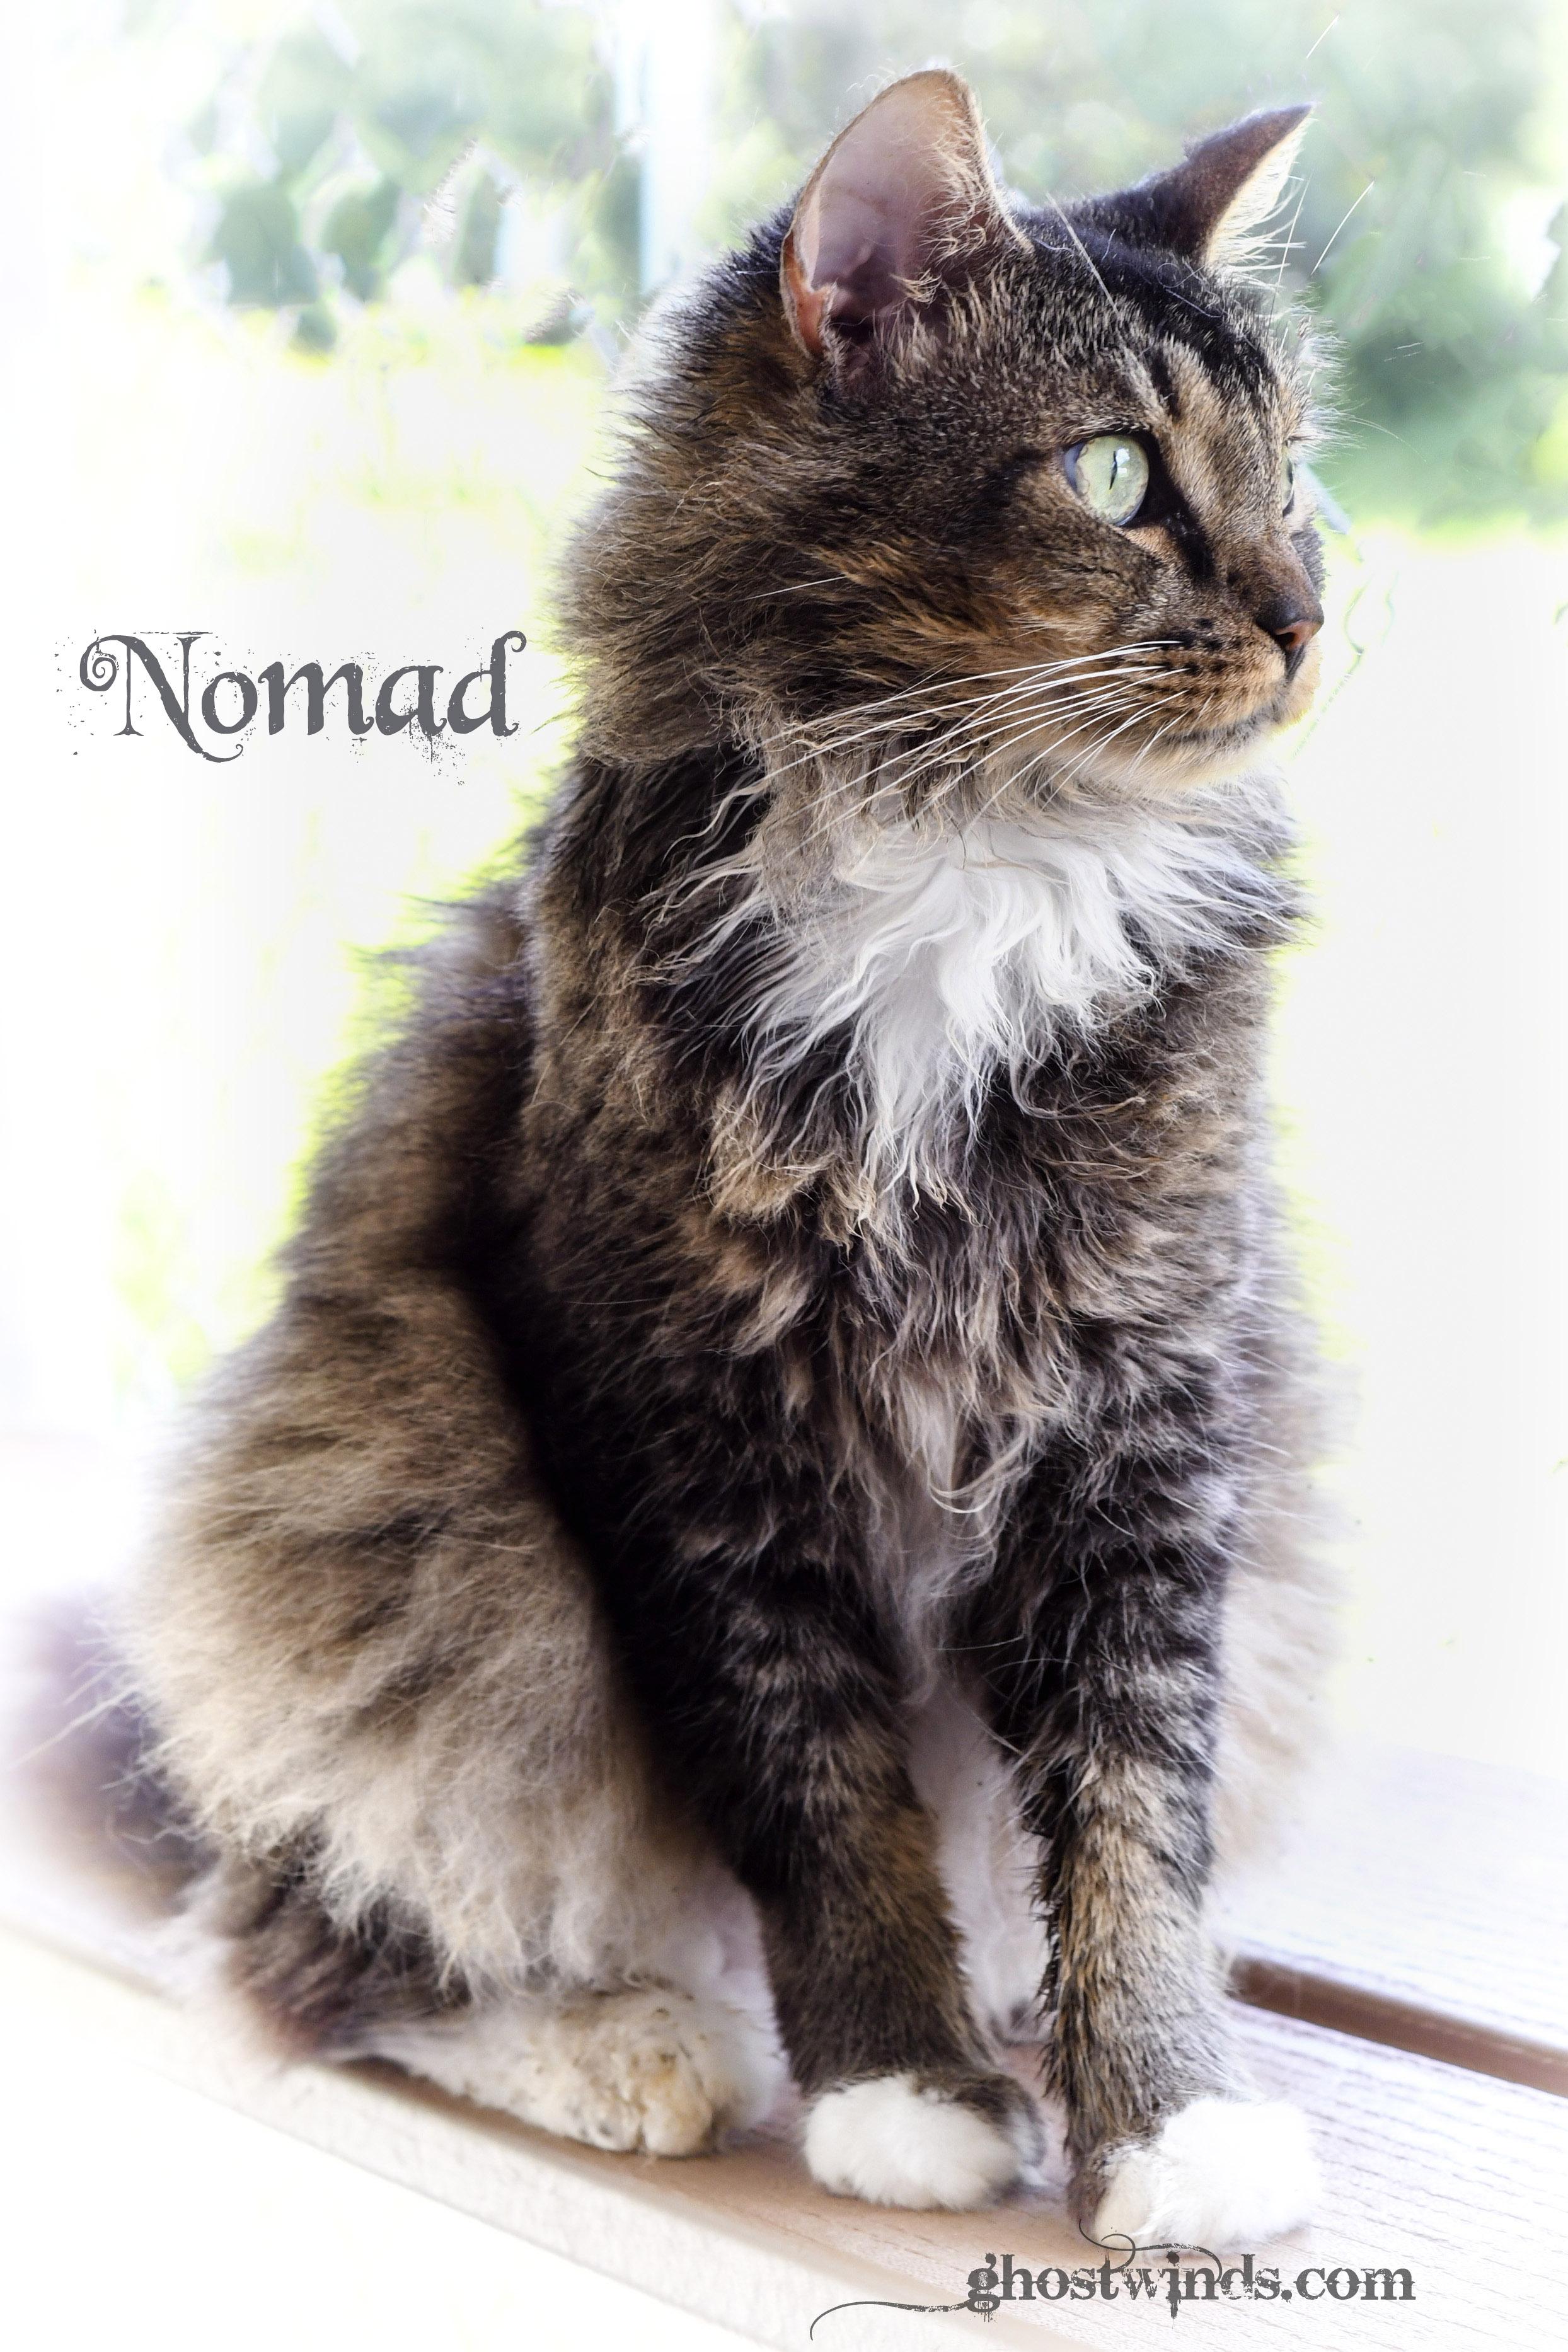 NomadDSC_3480